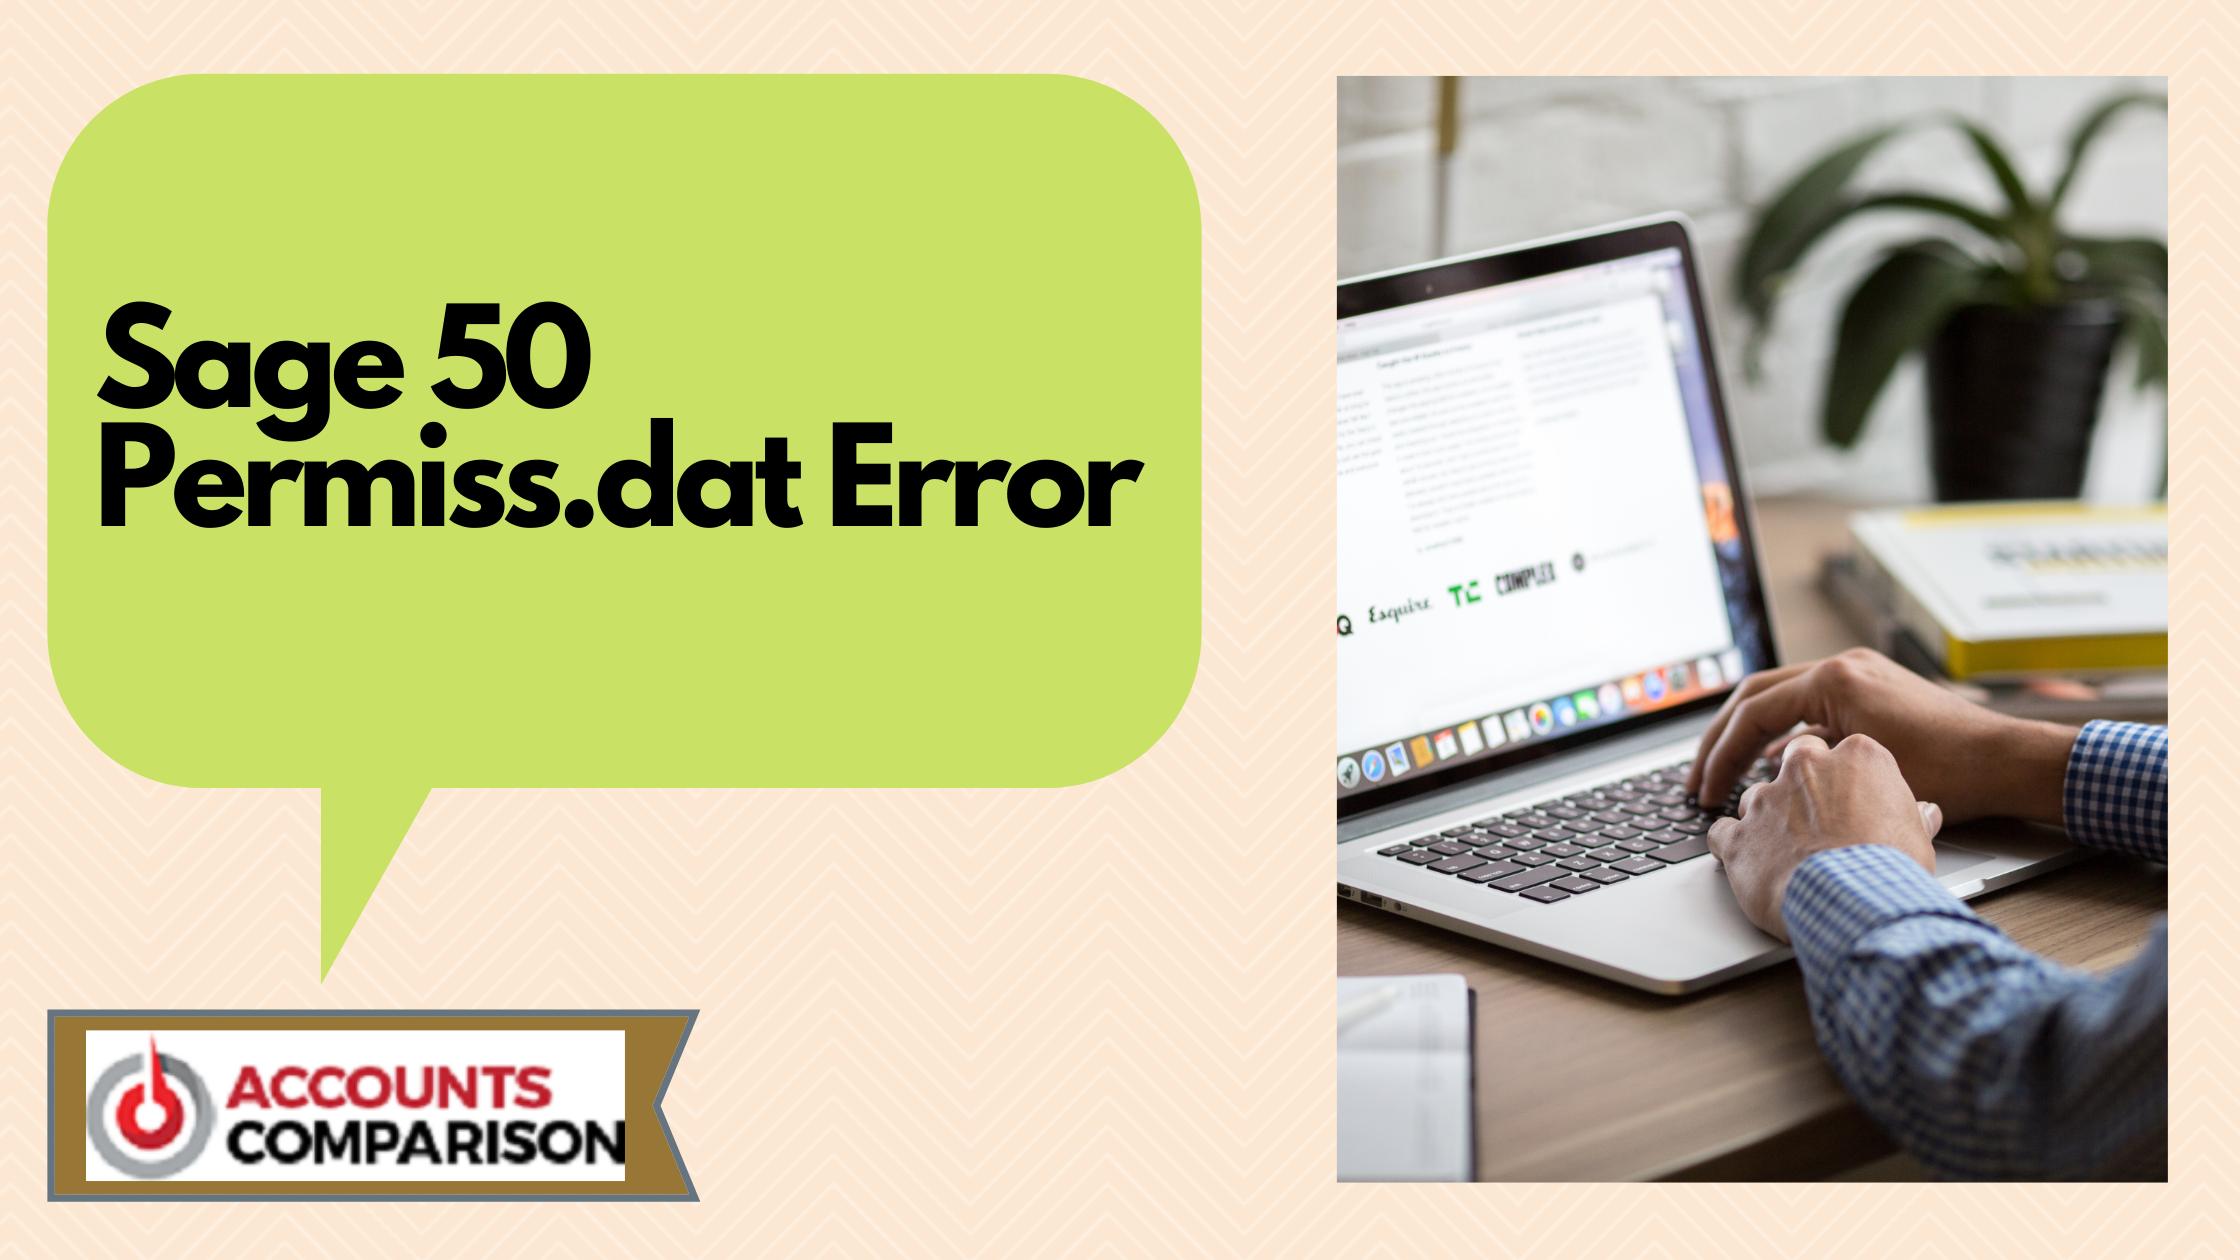 Sage 50 Permiss.dat Error